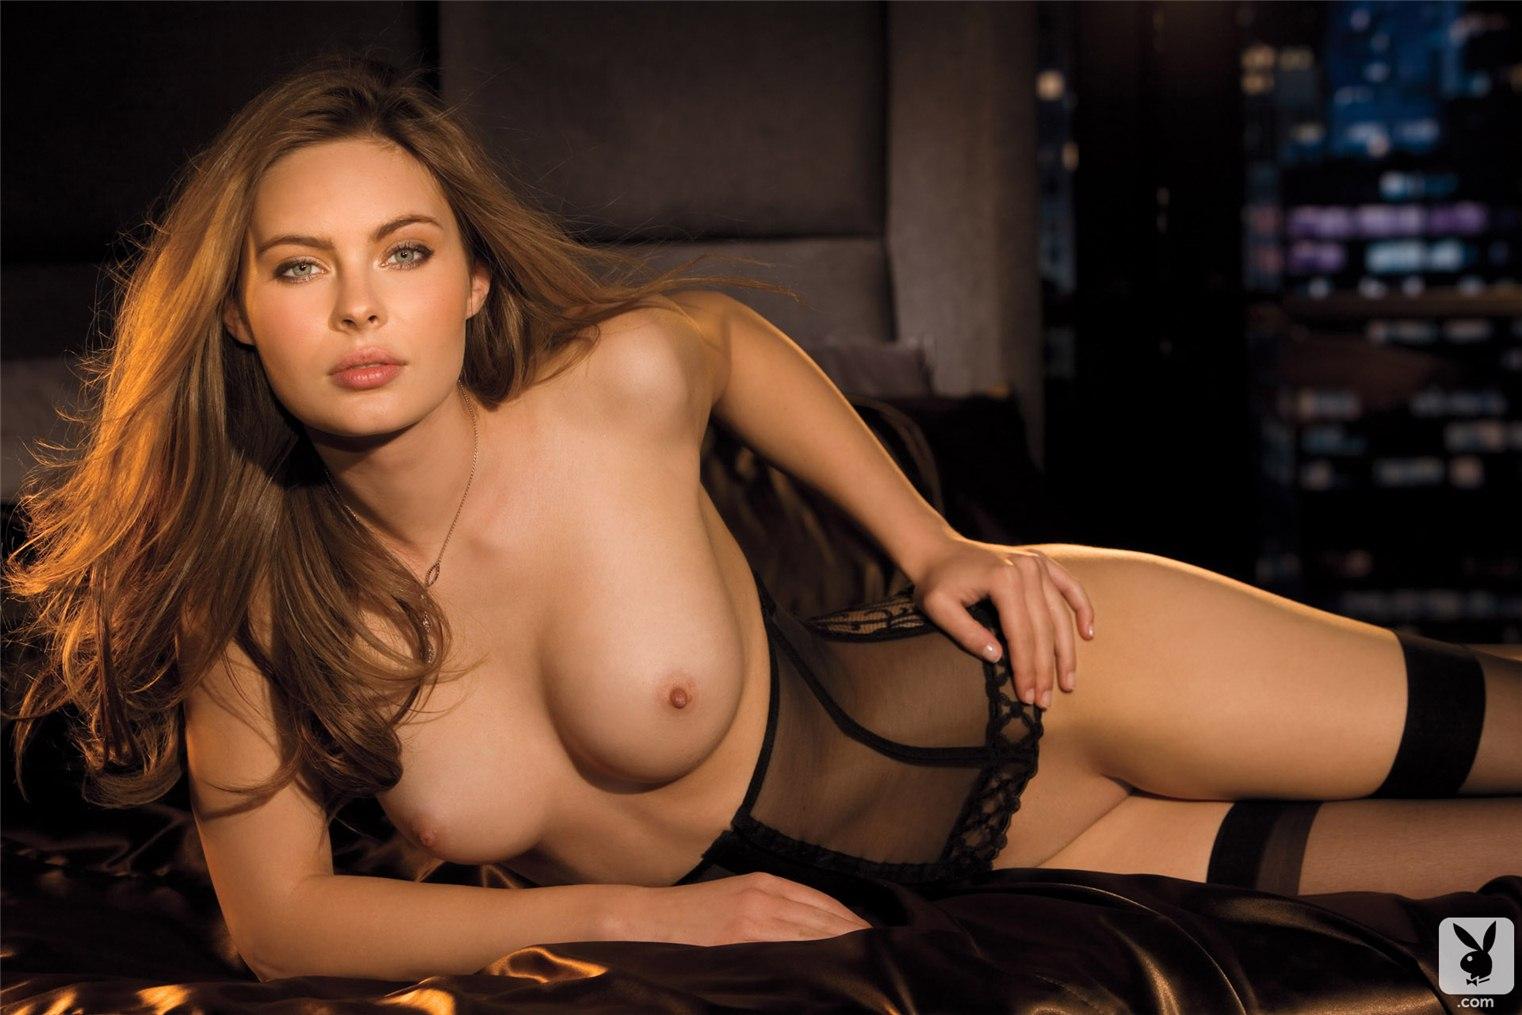 Фотомодели плейбоя фотосессии голых, Порно фото красивых девок Playboy 18 фотография